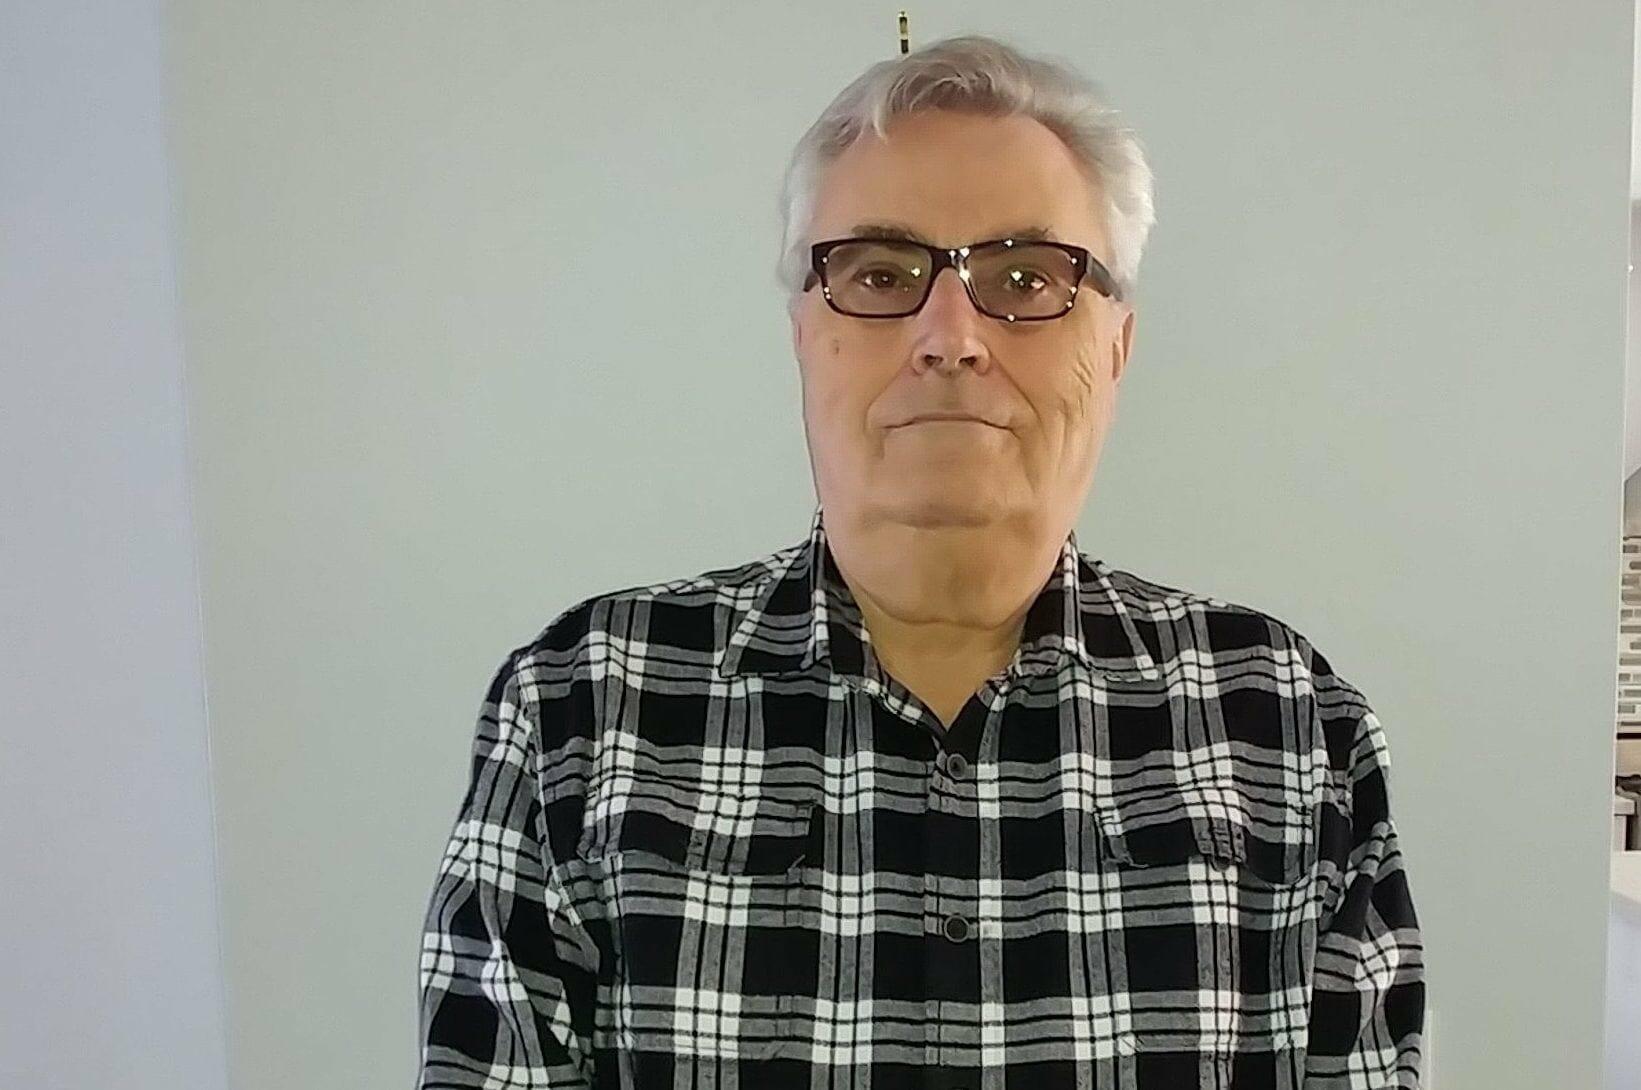 Jim Gillingham